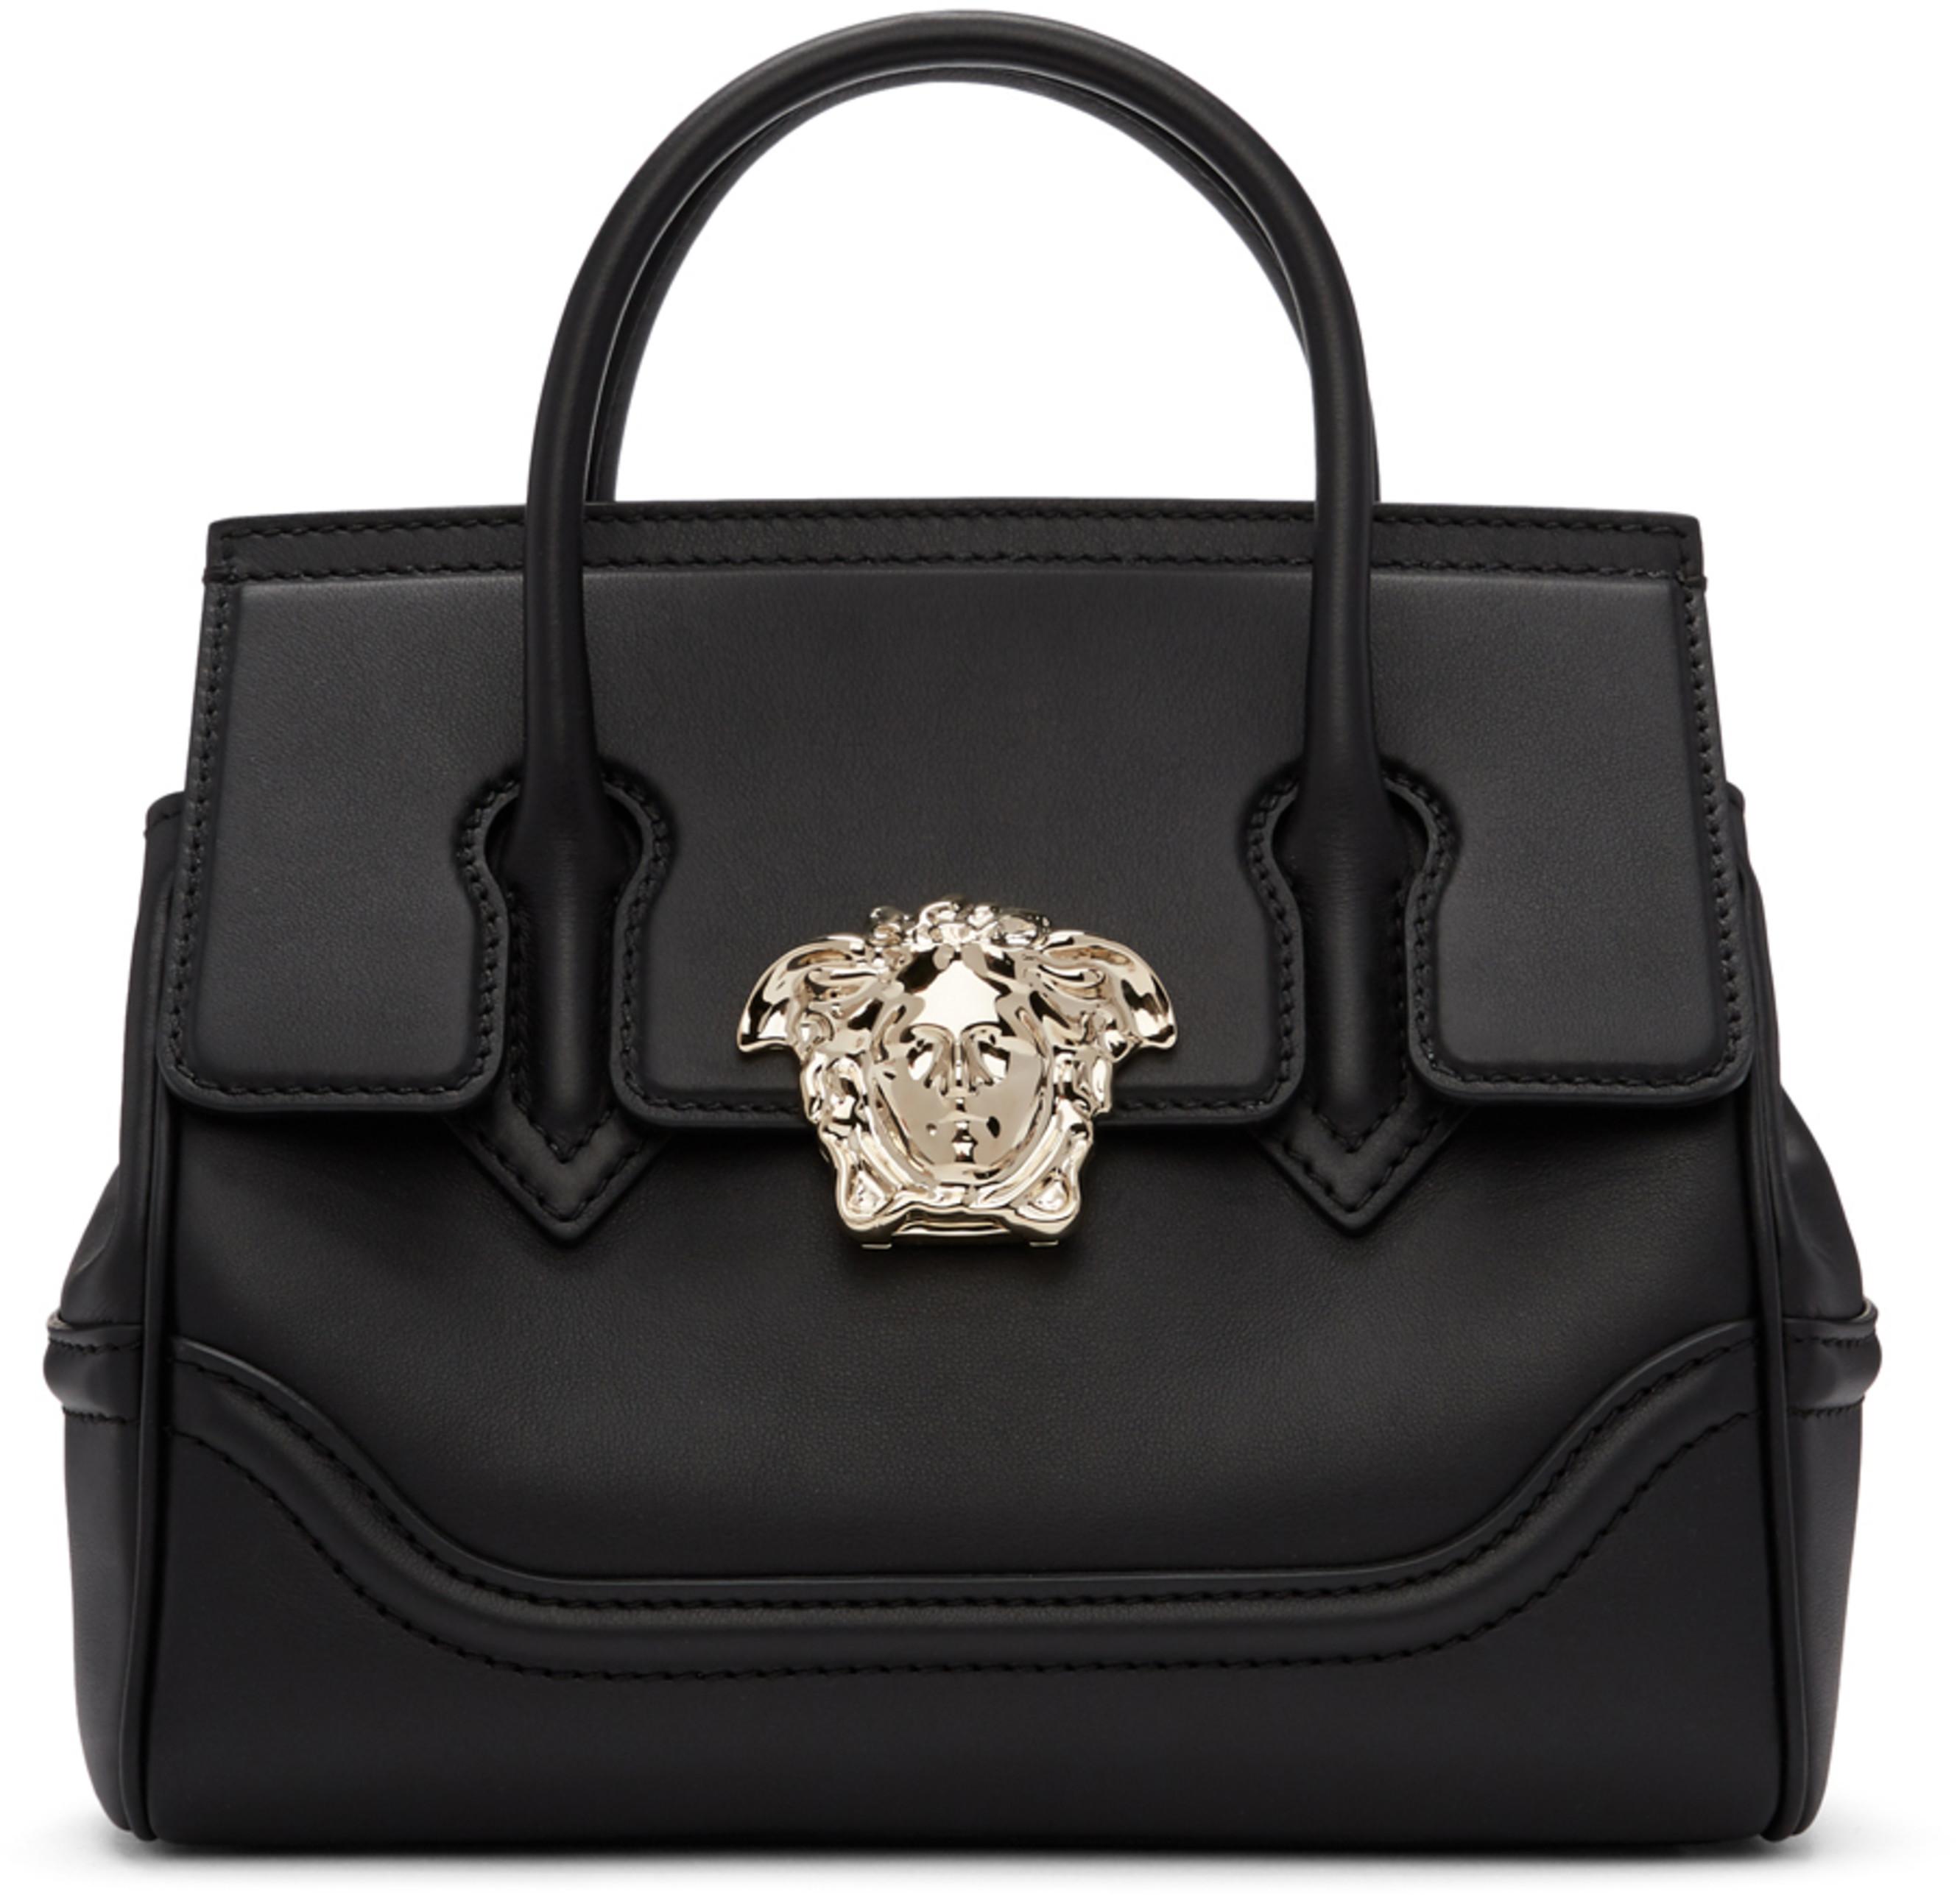 3c6b99c3acf0 Black   Gold Medium Empire Bag